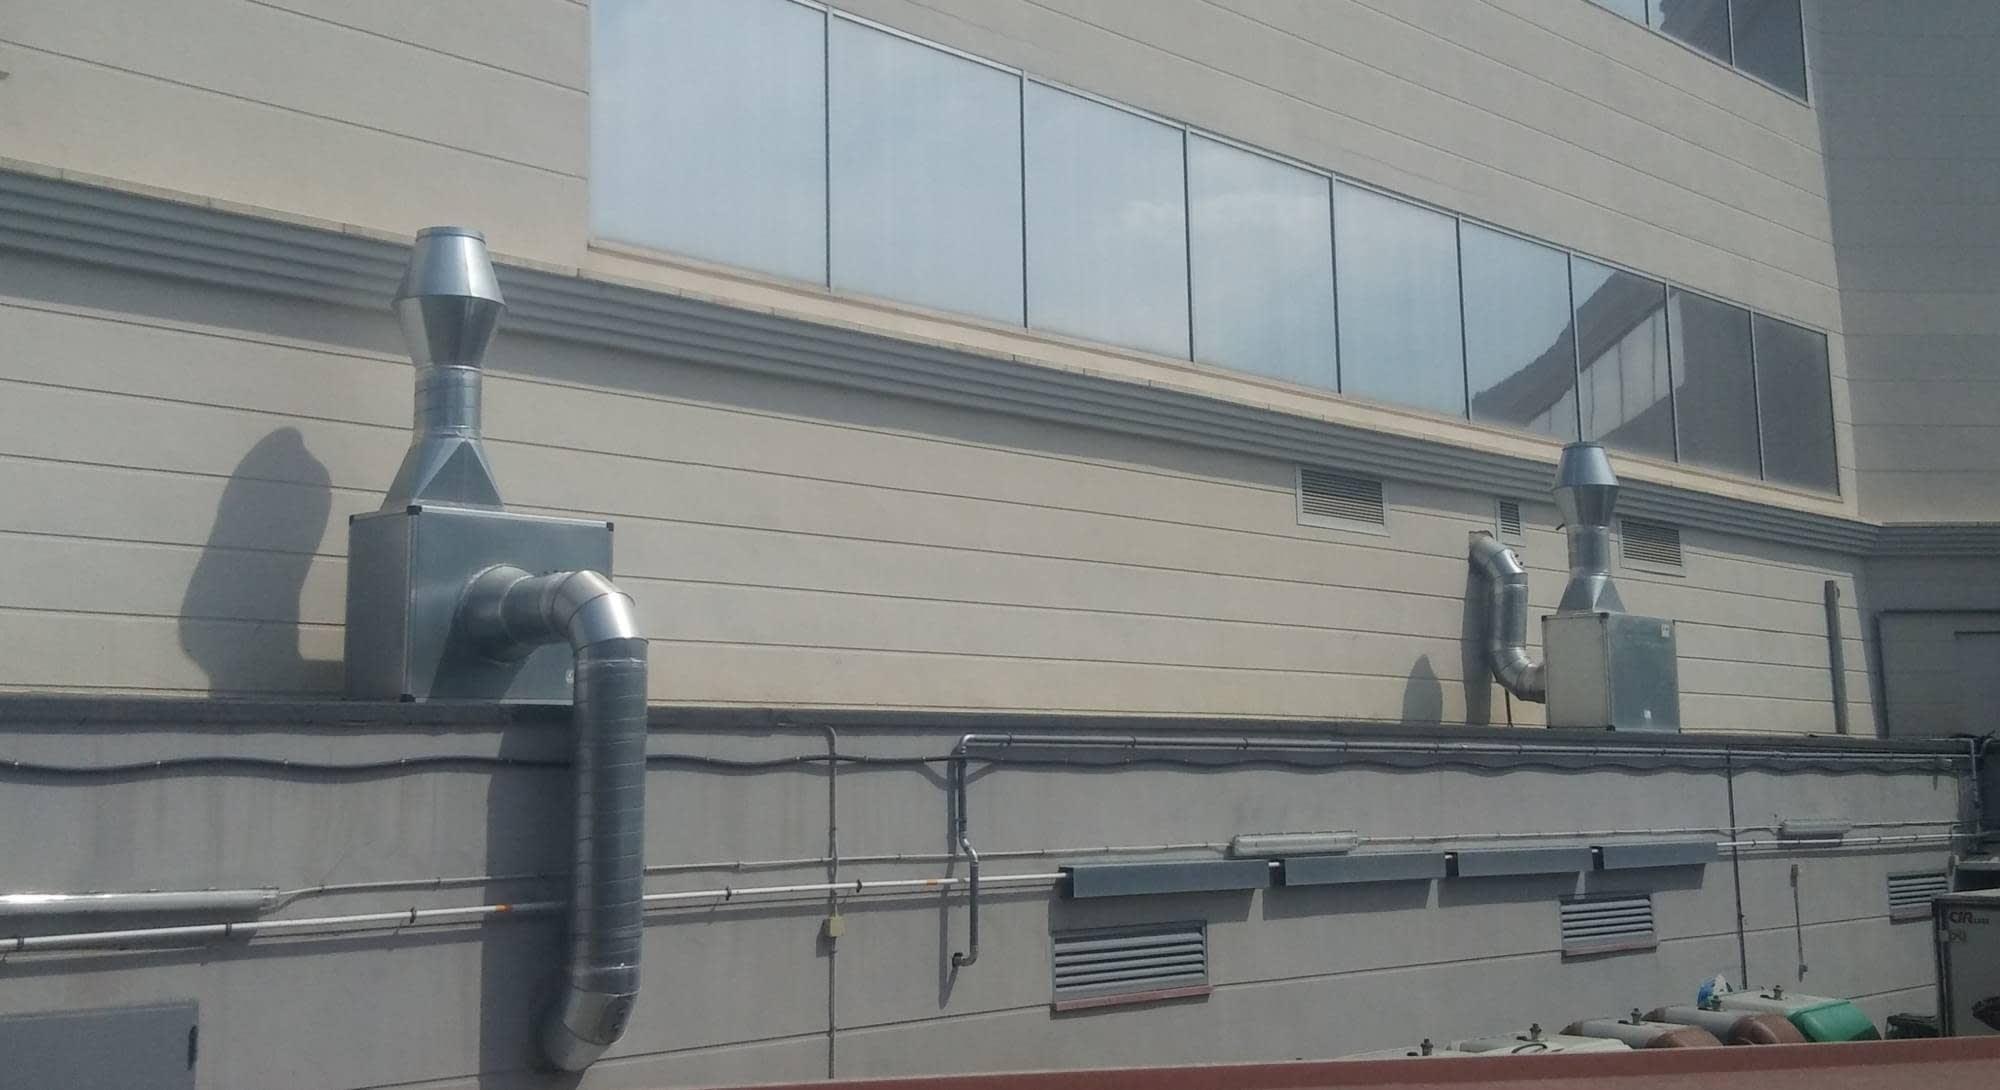 Terminales tipo Jet para extracción de ventilaciones en hoteles